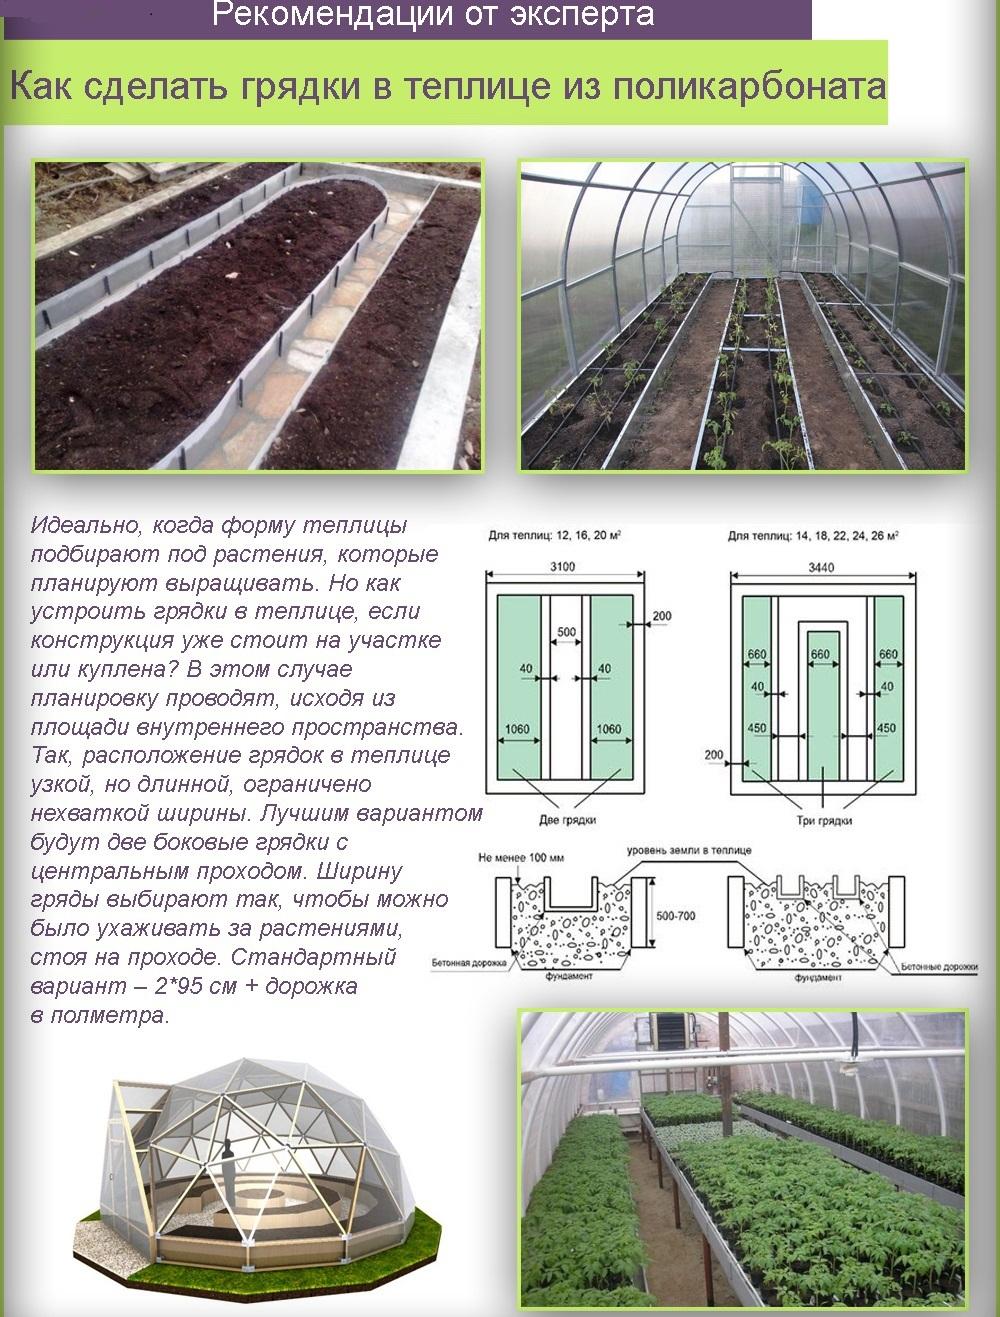 Расстояние между рассадой томатов в теплице 3х6   фазенда рф